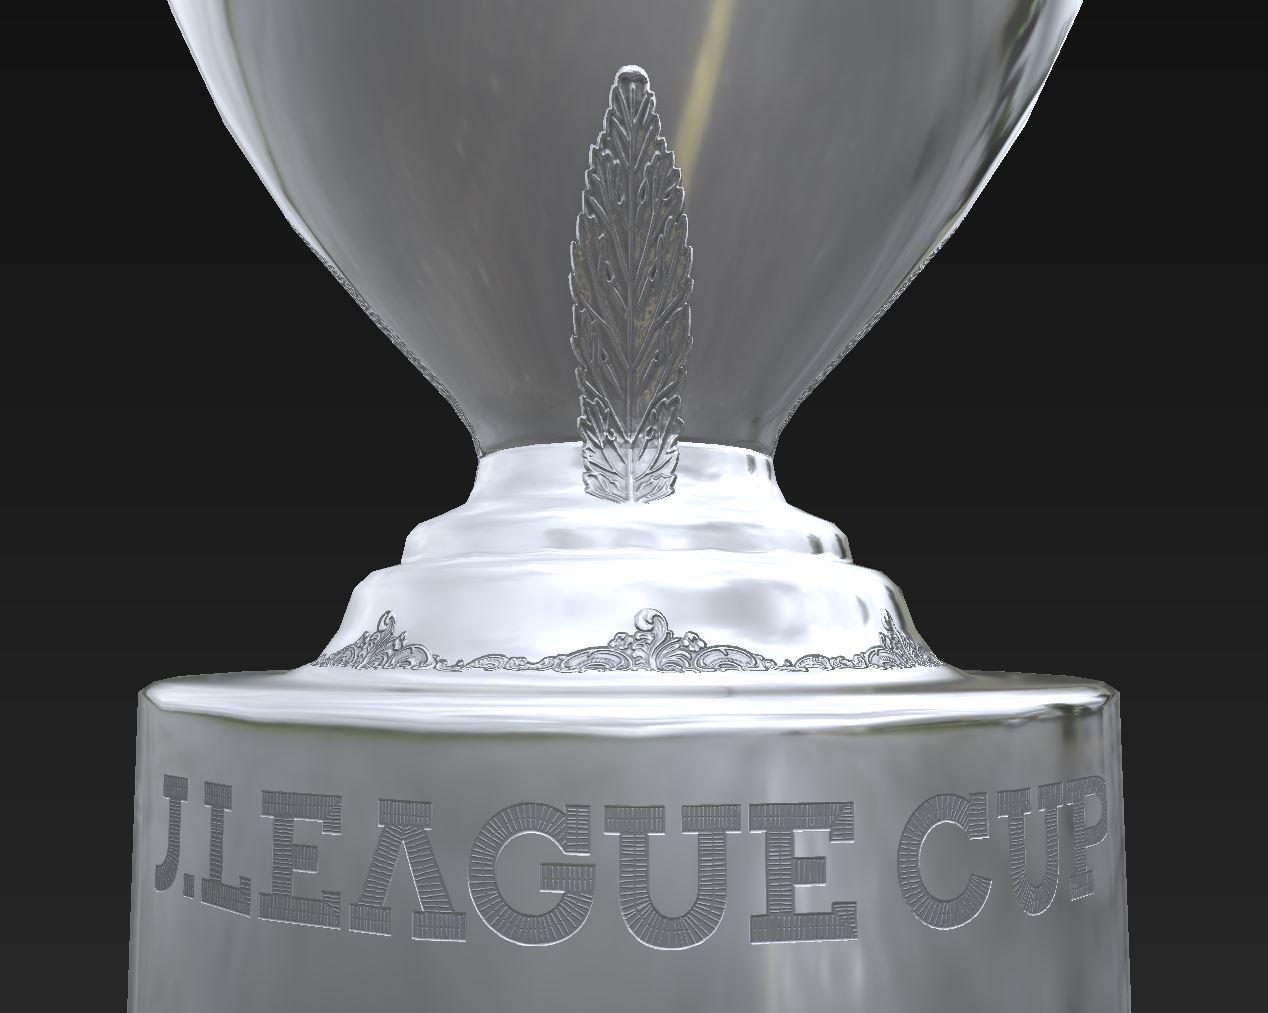 J1League_Cup_18.JPG